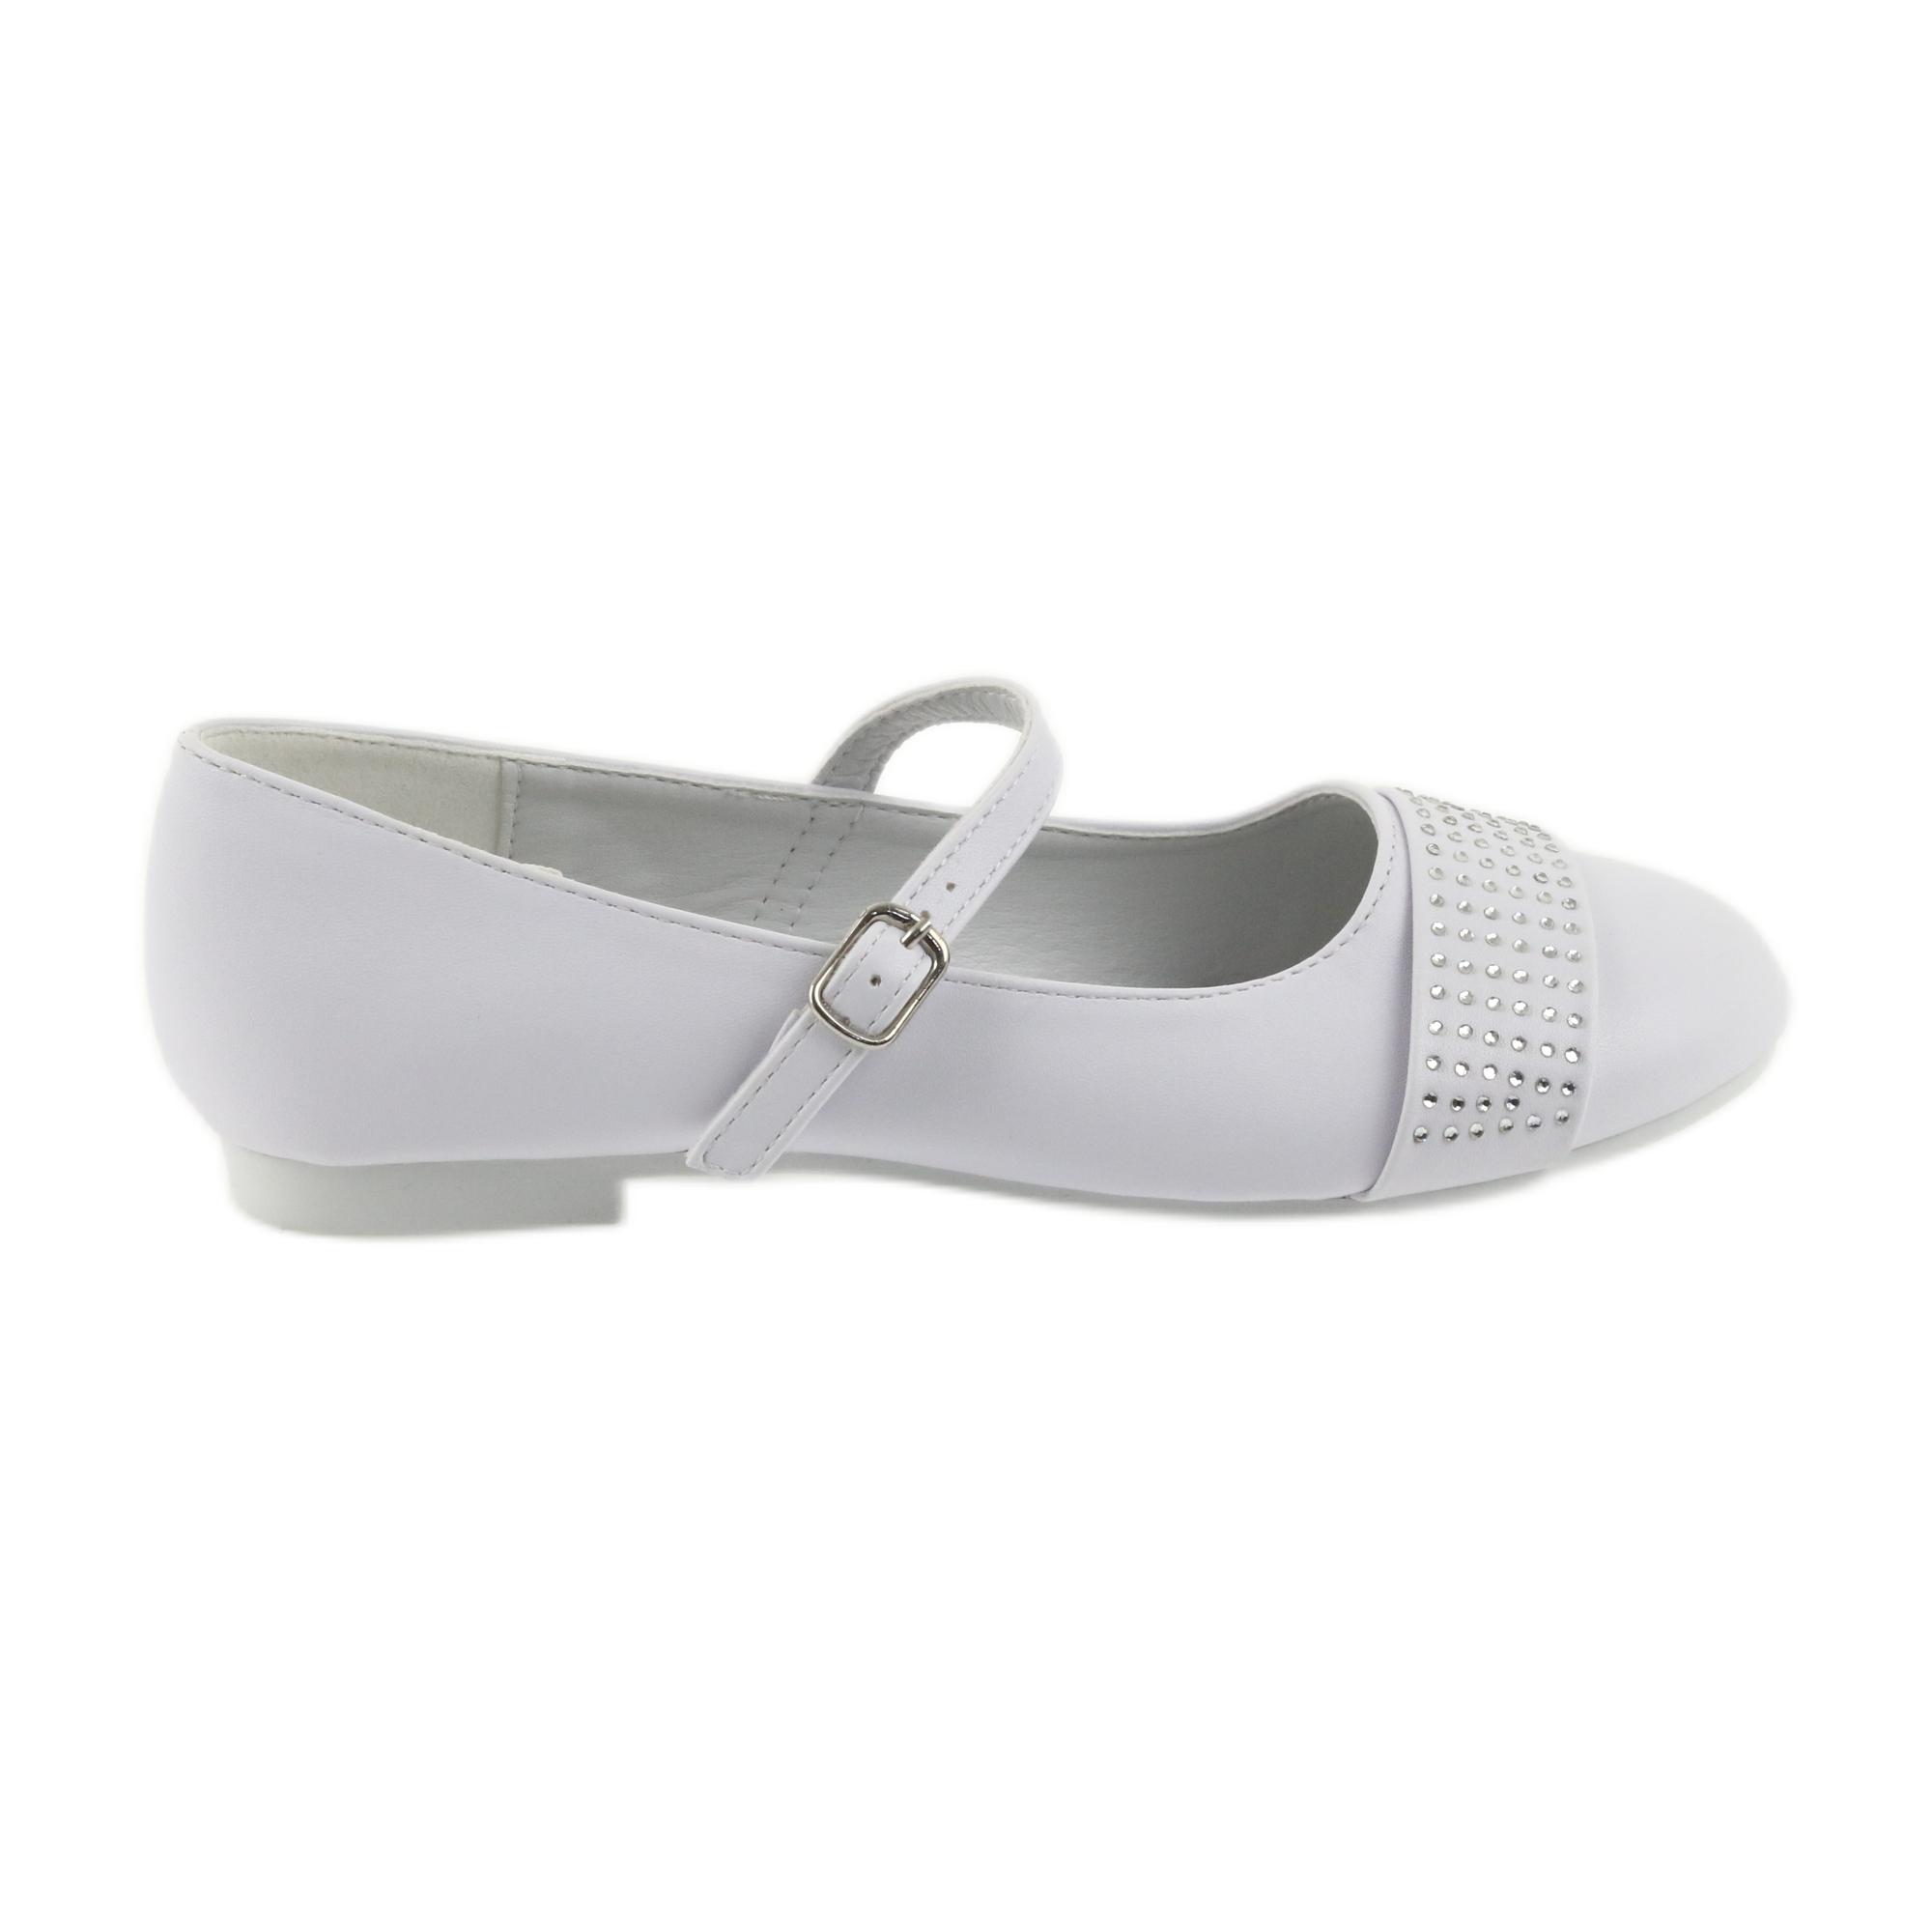 Pompe scarpe per bambini Comunione Ballerine strass American Club 11/19 bianco